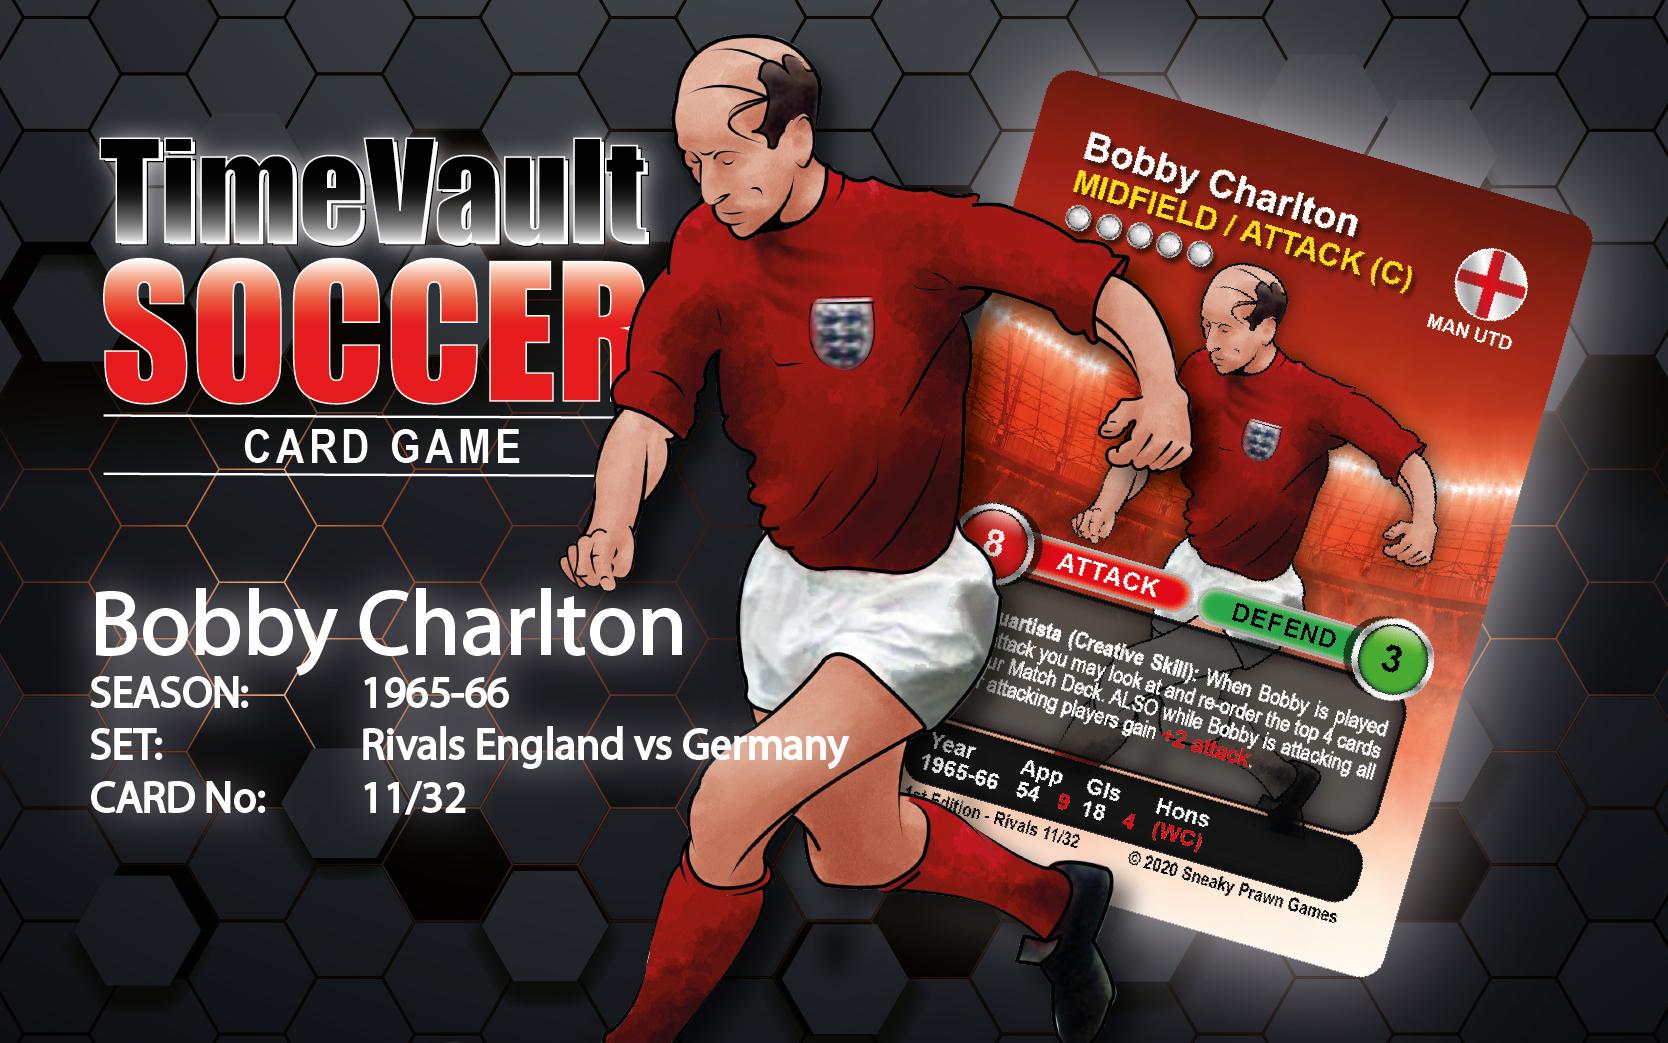 Bobby Charlton profile image